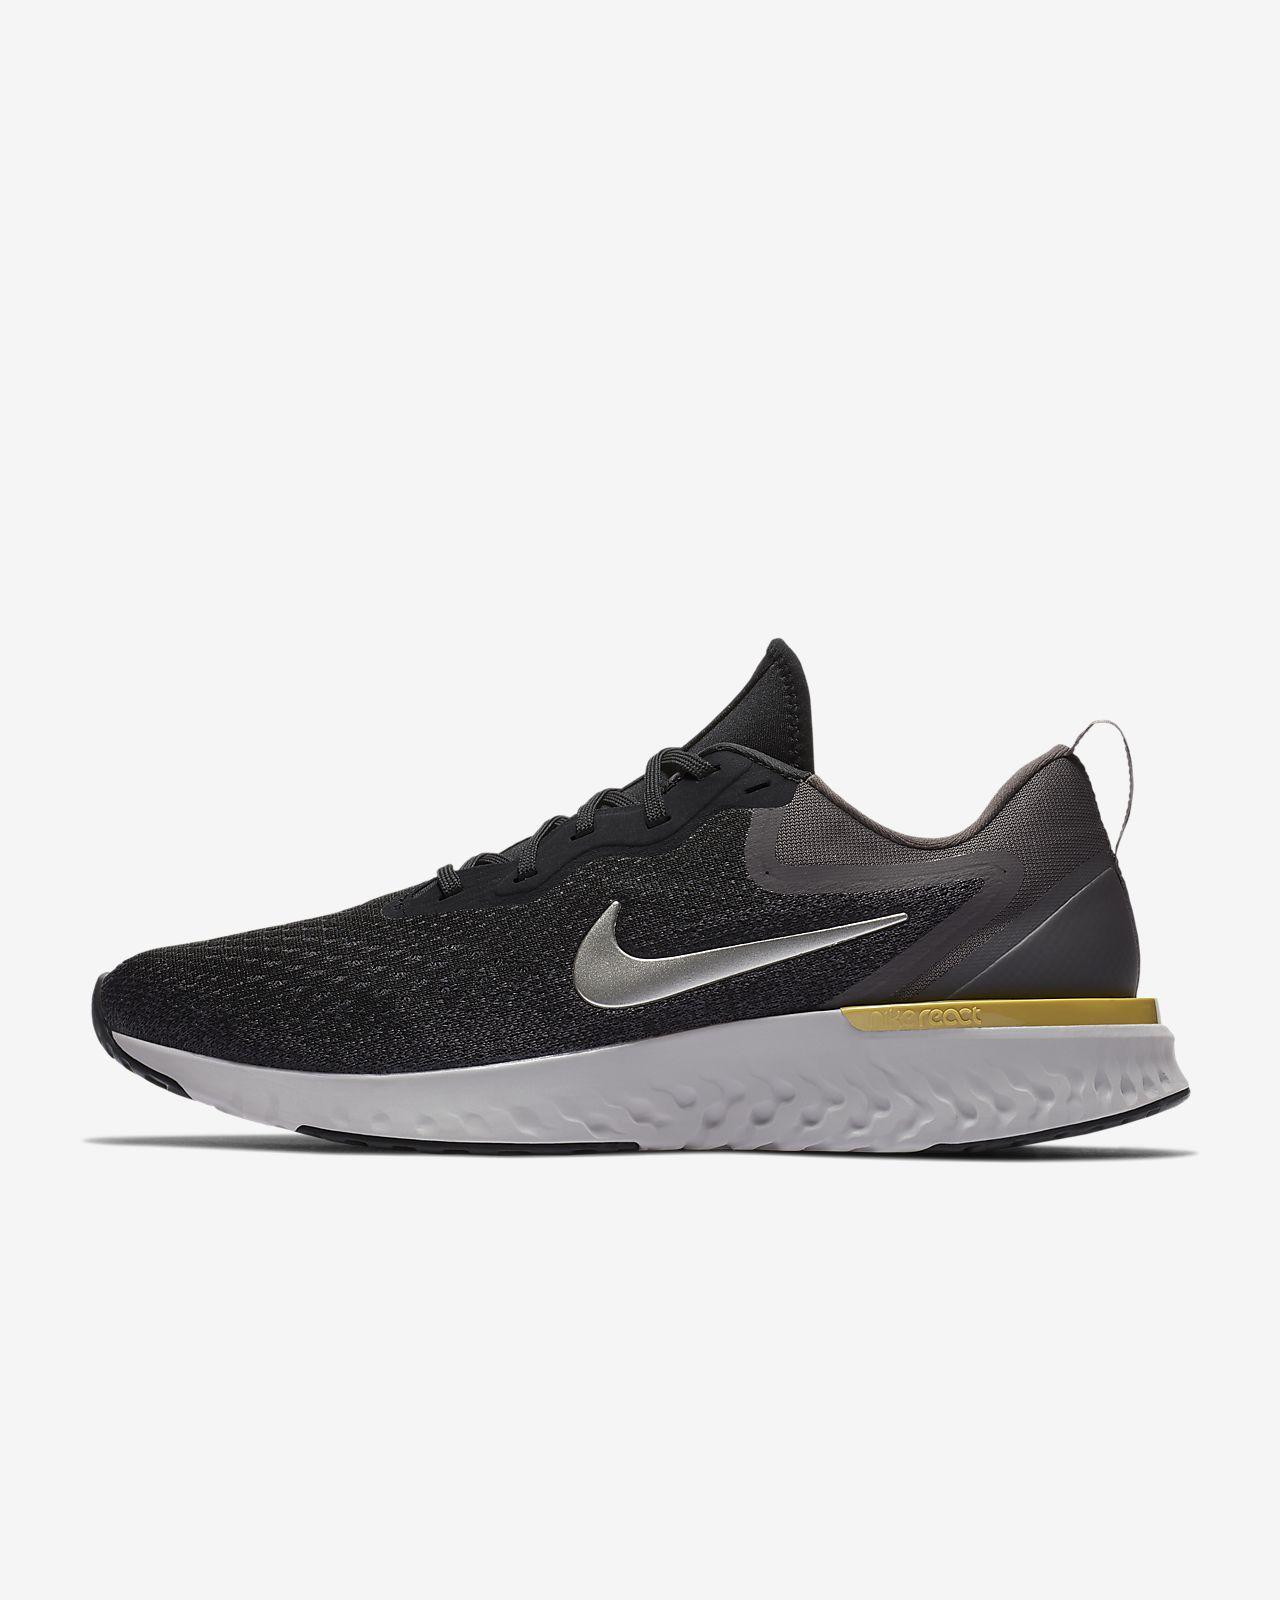 c6e3a1279 Nike Odyssey React Men's Running Shoe. Nike.com SI